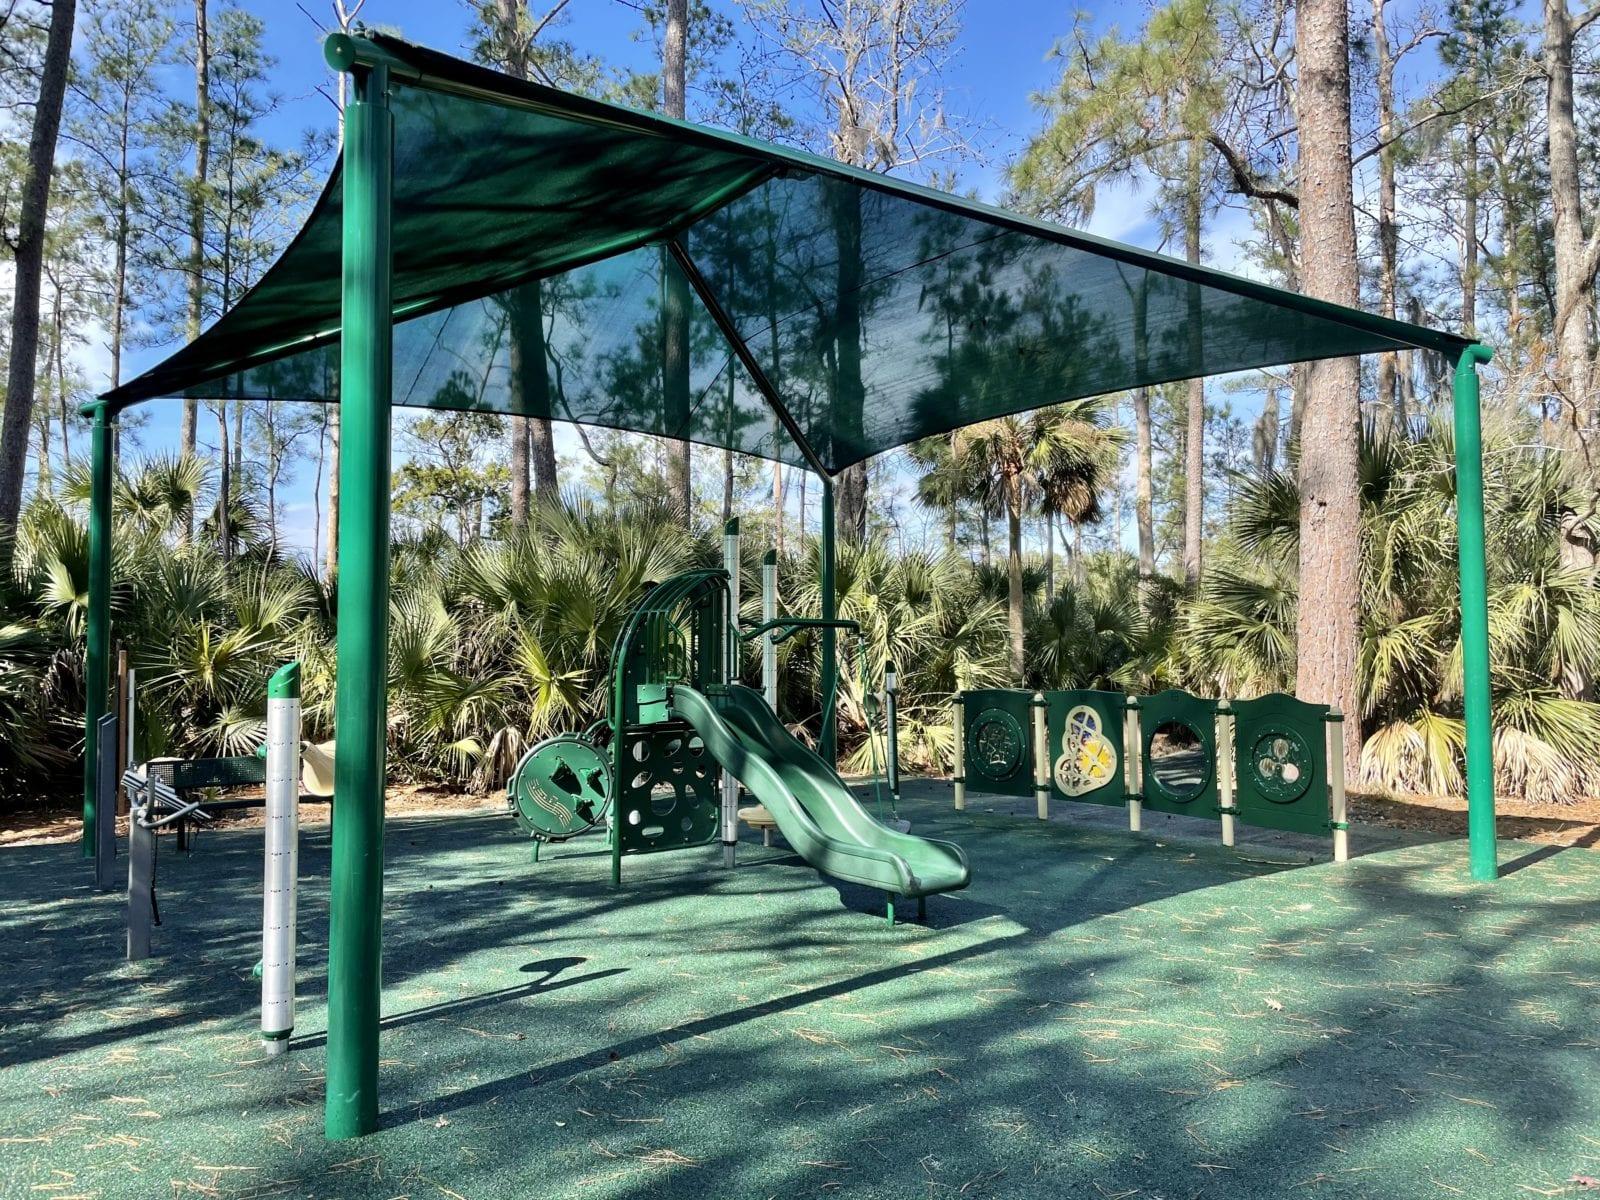 New Playground at State Park